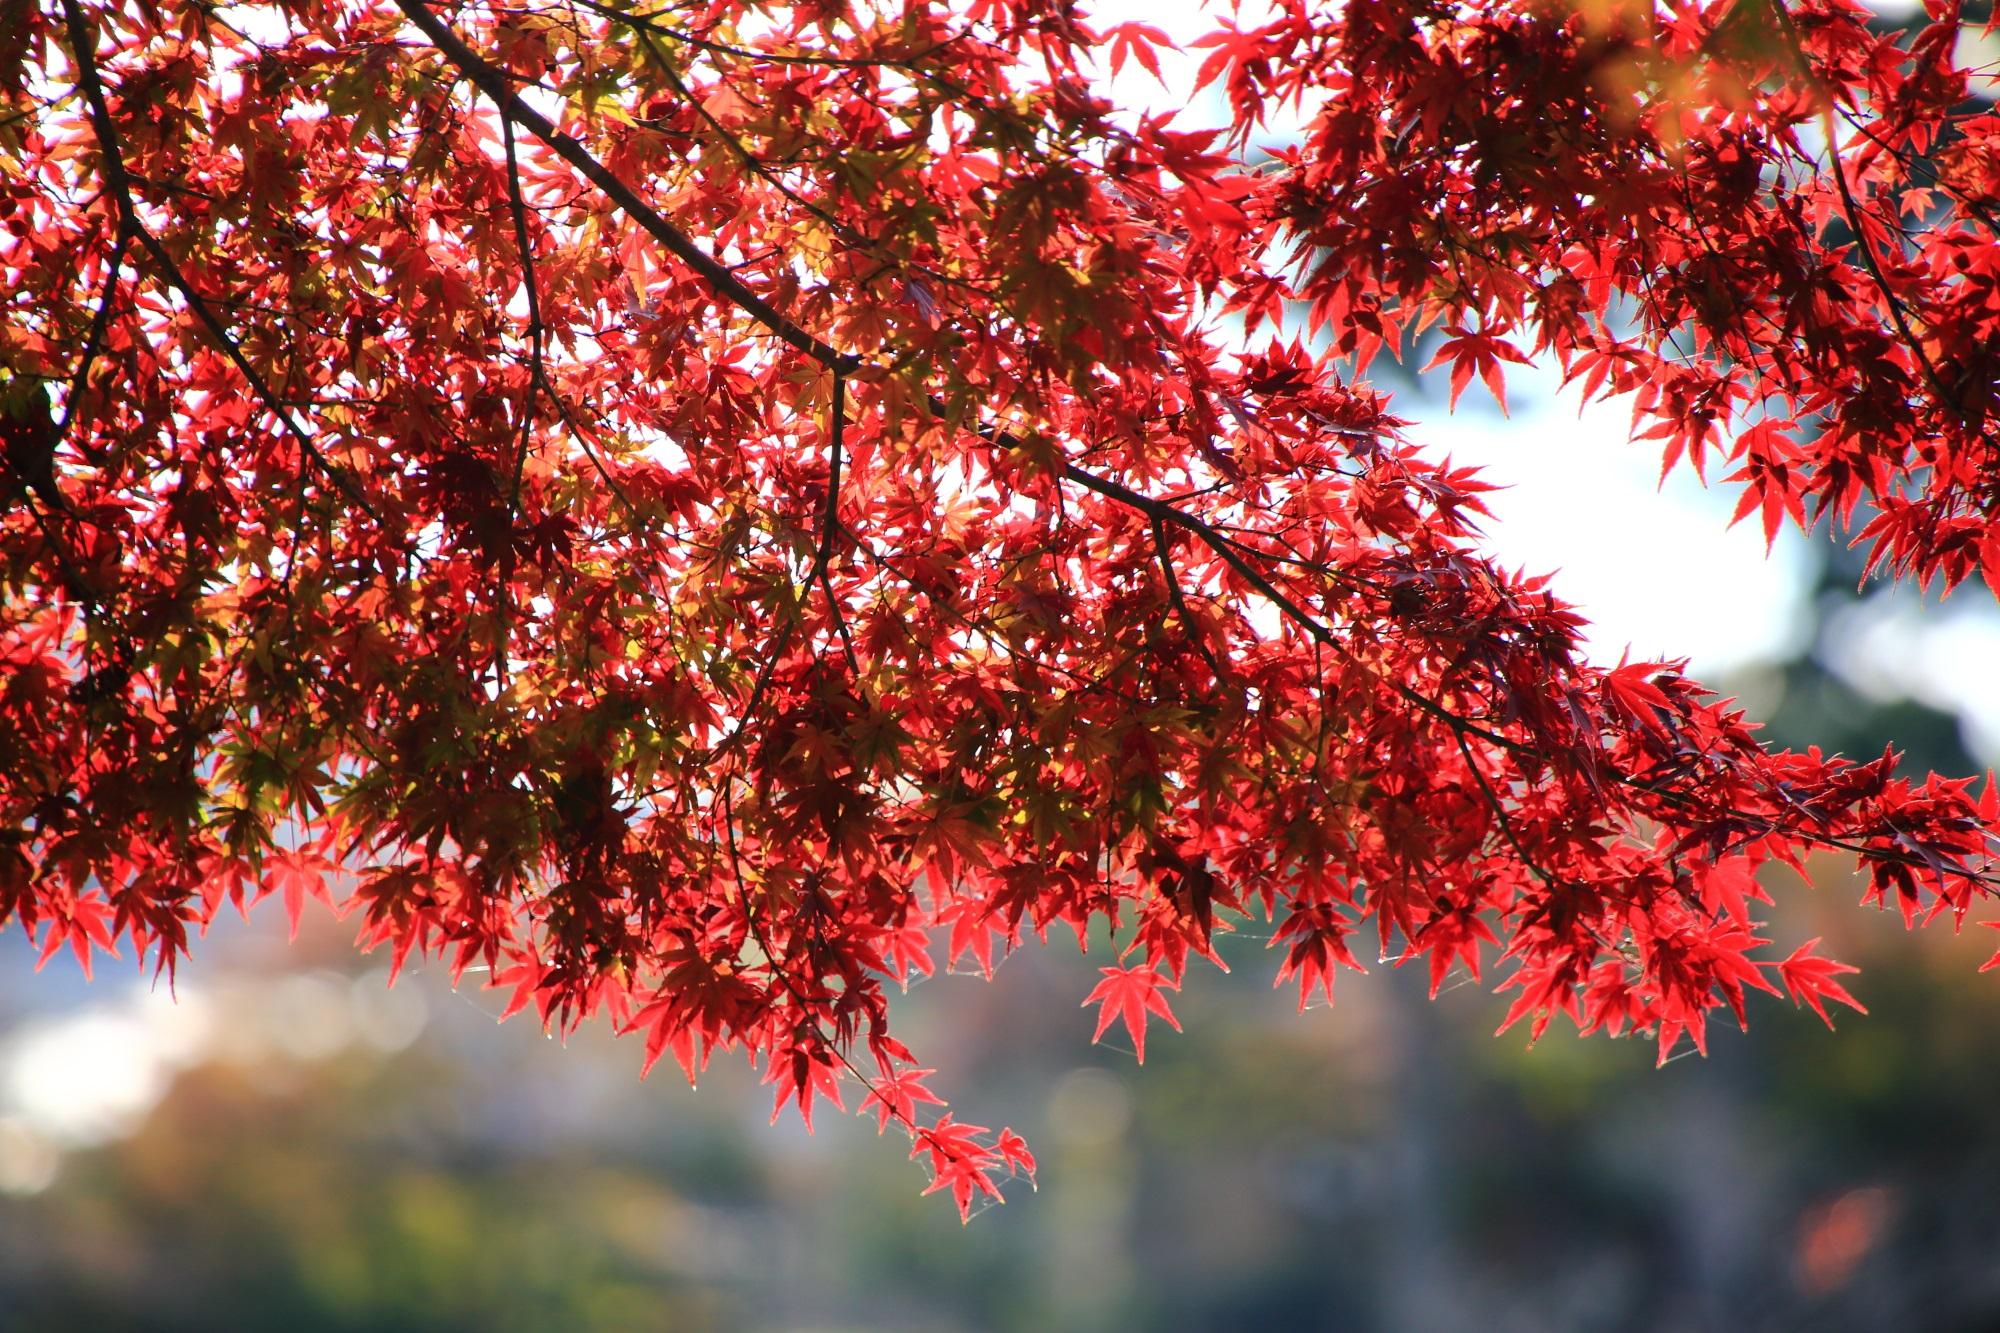 宇治川の見ごろの鮮やかな紅葉